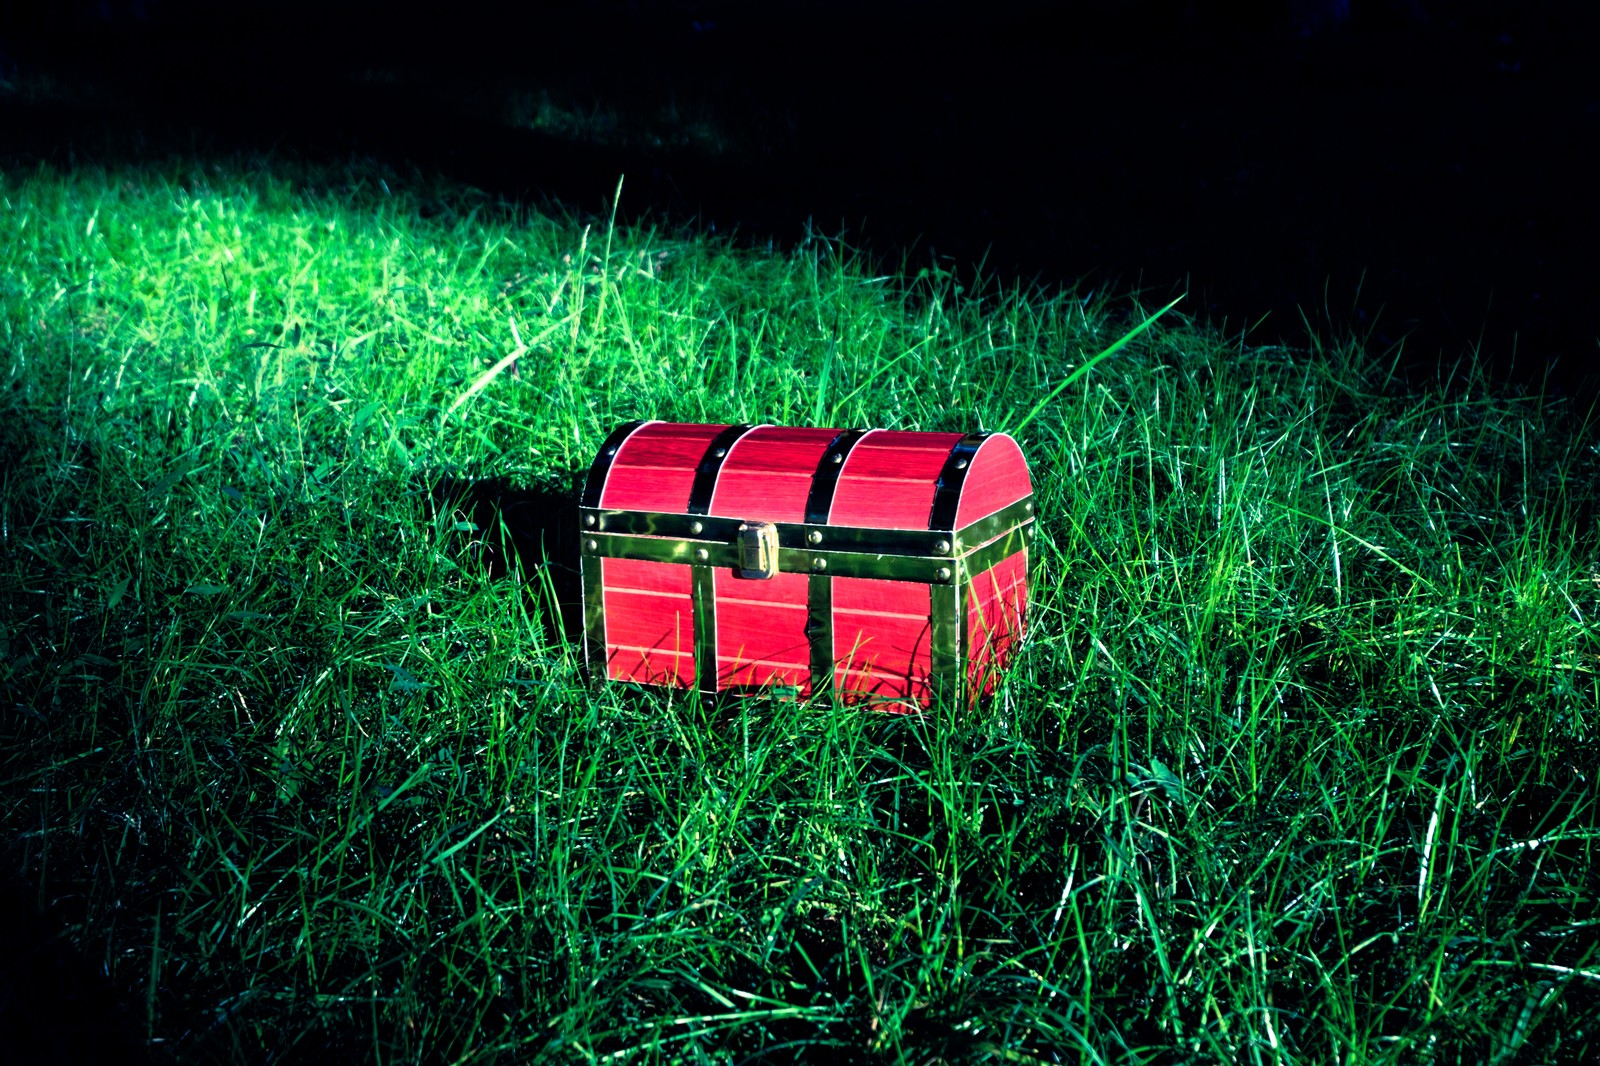 「宝箱がようすをみている宝箱がようすをみている」のフリー写真素材を拡大